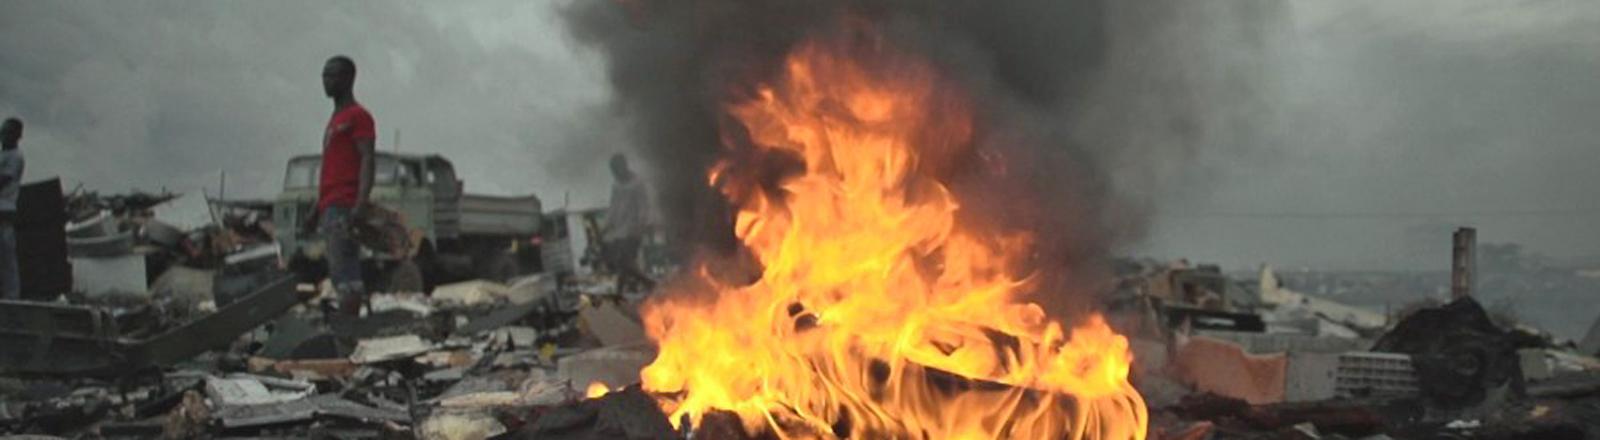 Szene aus einem Video. Auf einer Müllhalde brennt ein Feuer, die Luft ist grau, im Hintergrund stehen Männer.